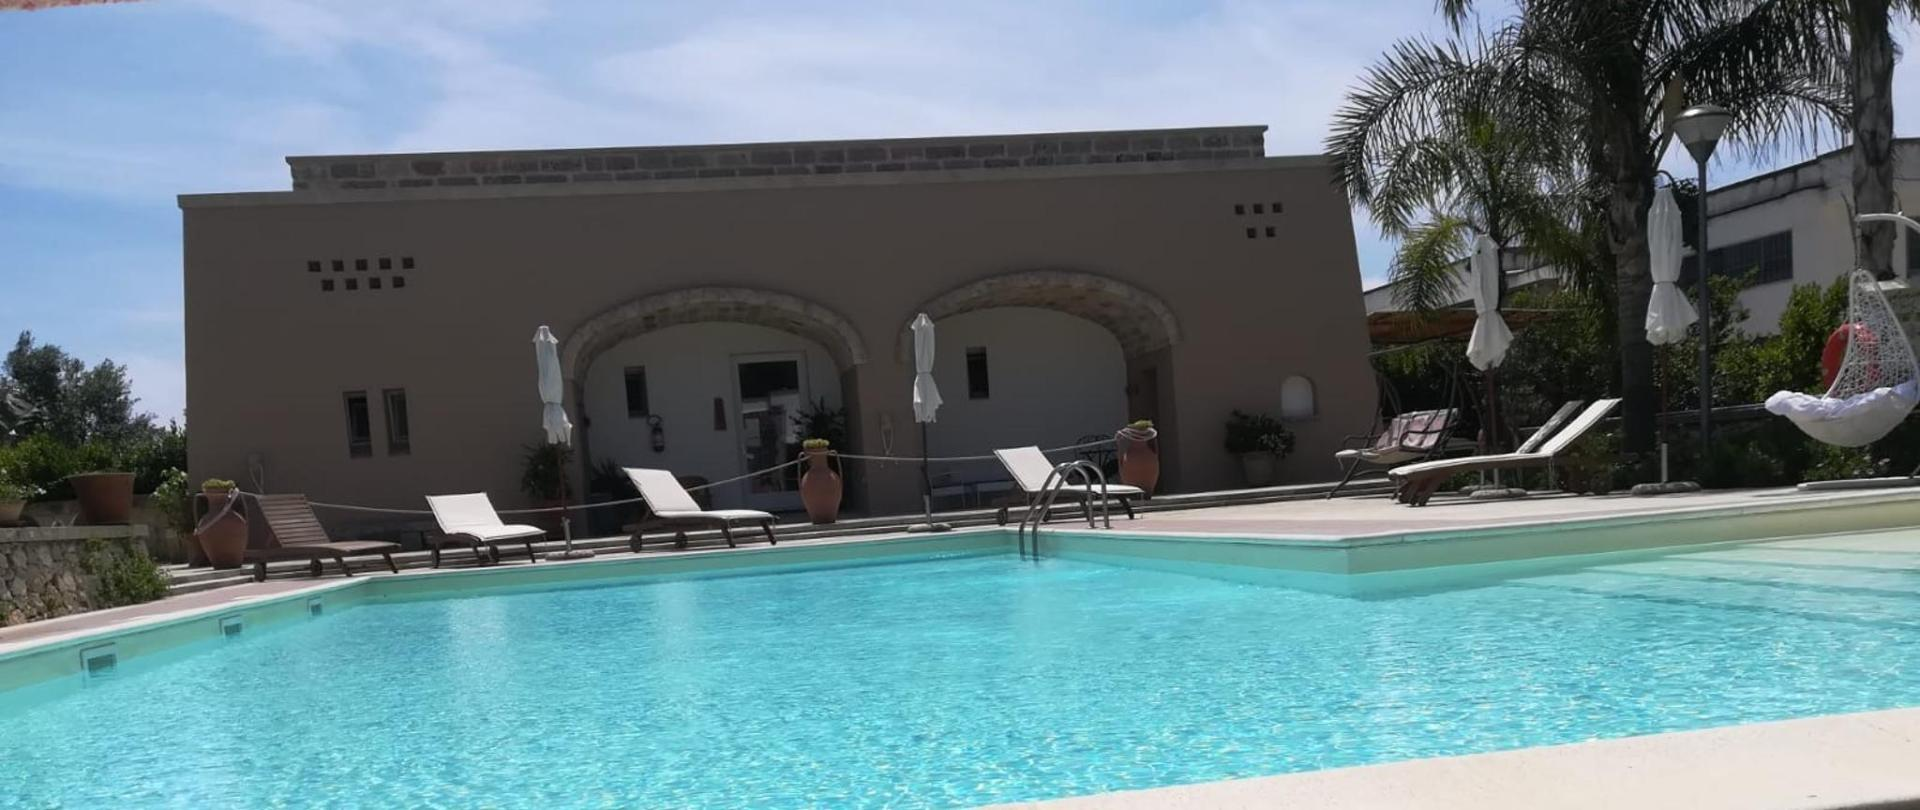 6 piscina2.jpg